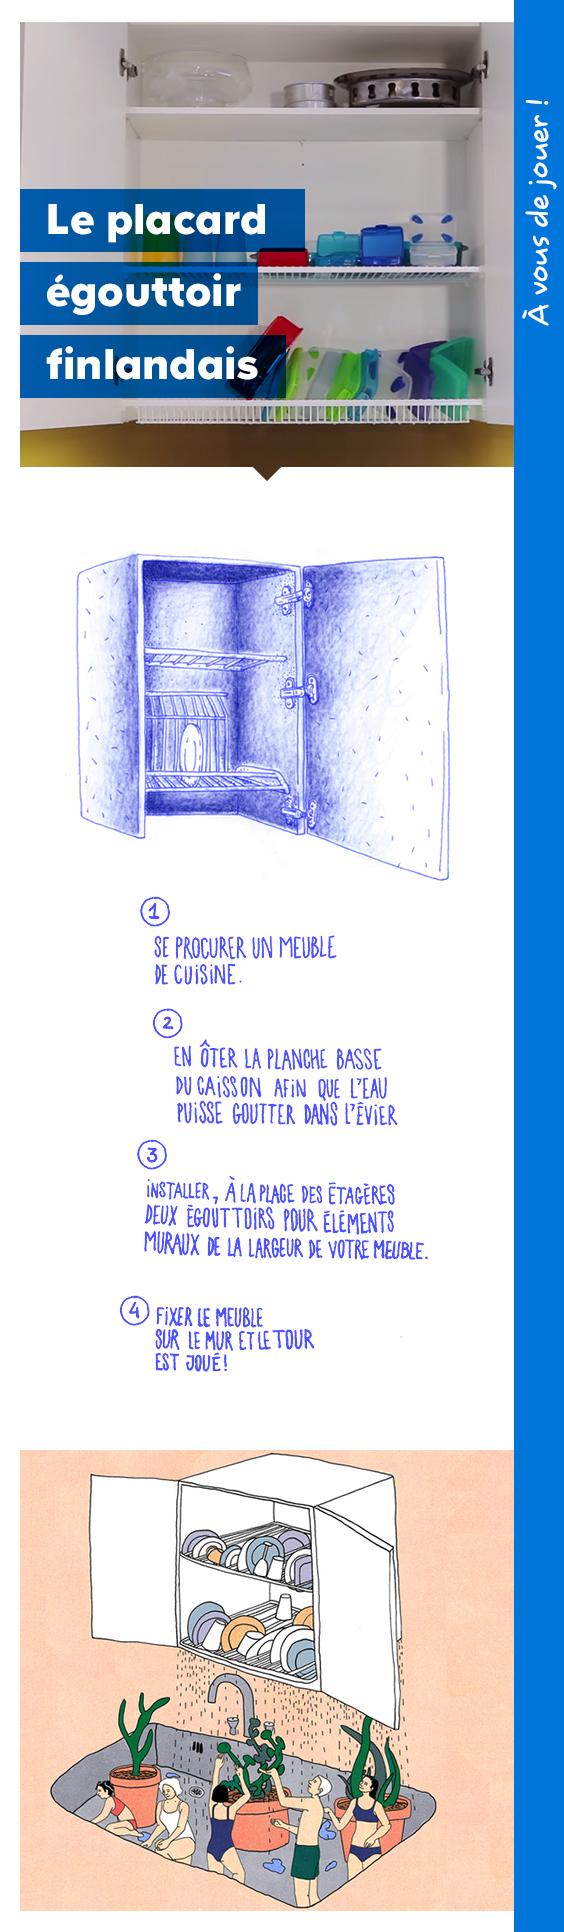 Elegant Vous En Avez Assez De Voir Su0027entasser Votre Vaisselle à Côté De Lu0027évier ?  Voici Lu0027astuce Cuisine Qui Devrait Vous Plaire: Le Placard égouttoir  Finlandais.